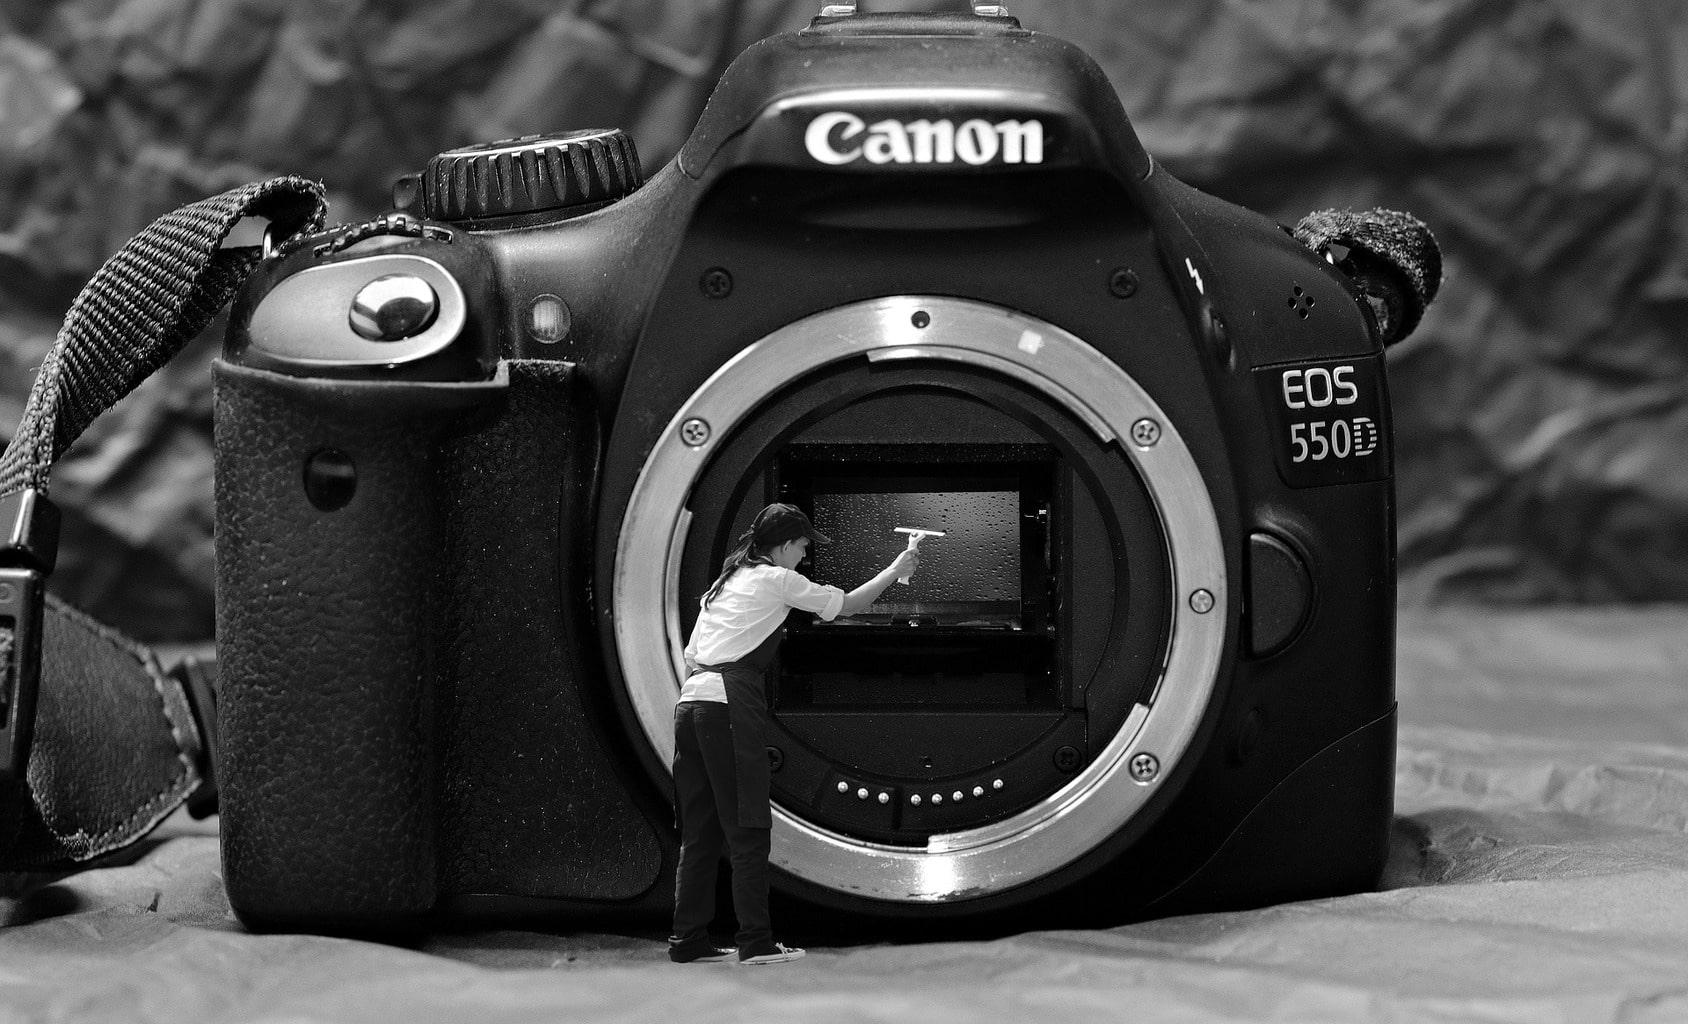 limpiando cámara refléx Canon 550D